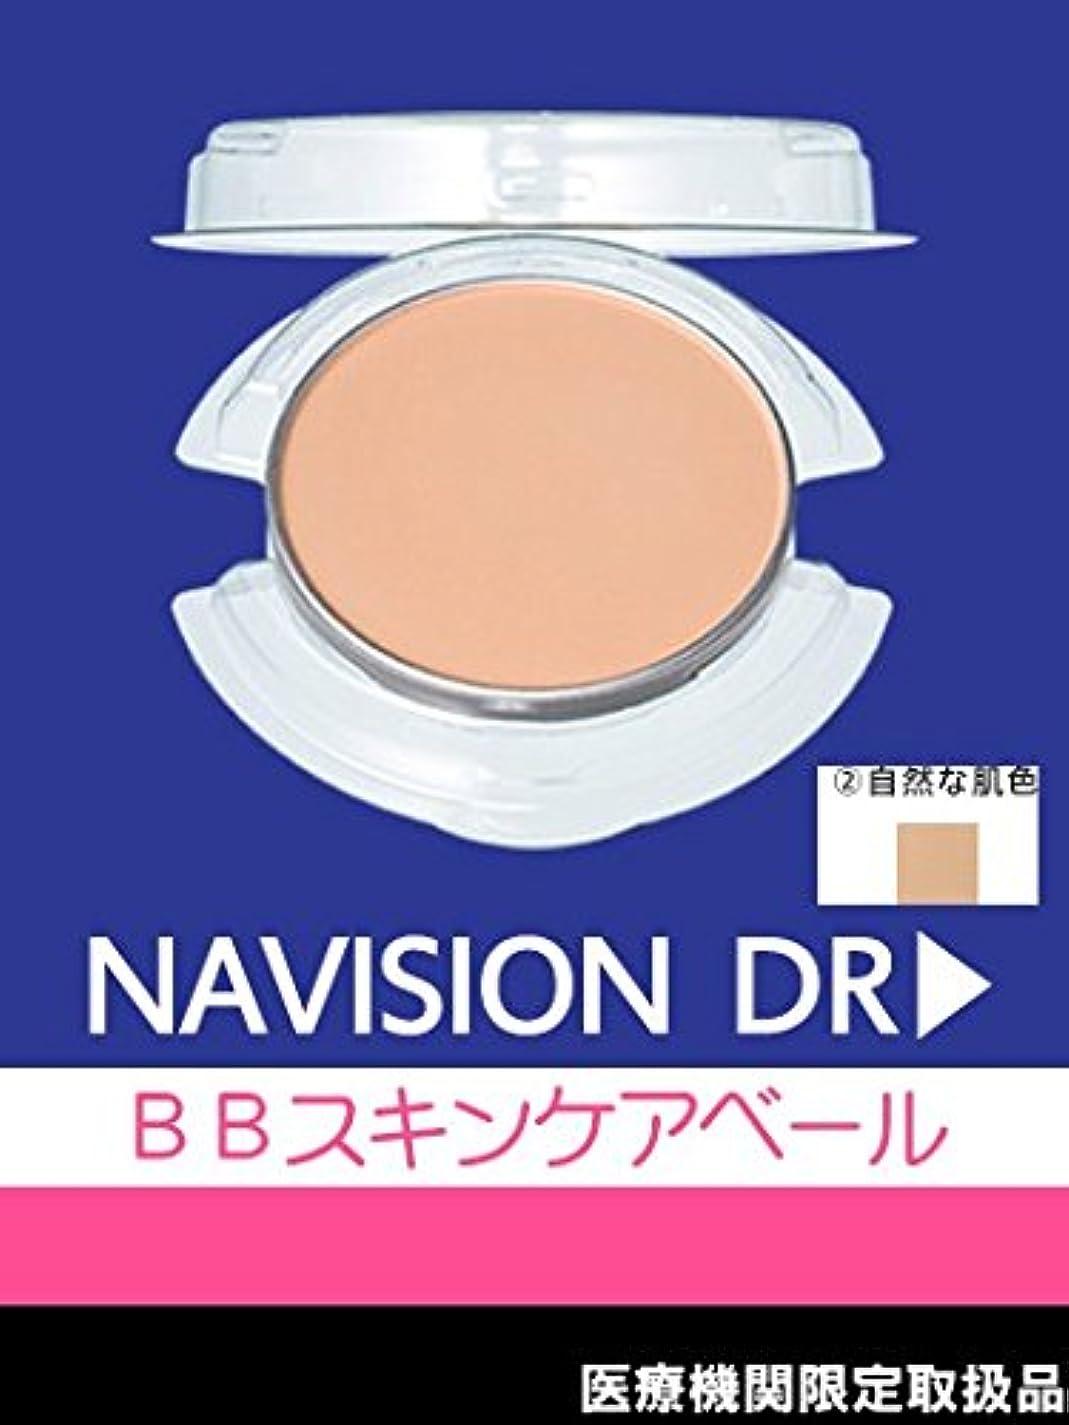 十億書き込みジェームズダイソンNAVISION DR? ナビジョンDR BBスキンケアベール ②自然な肌色(レフィルのみ)9.5g【医療機関限定取扱品】